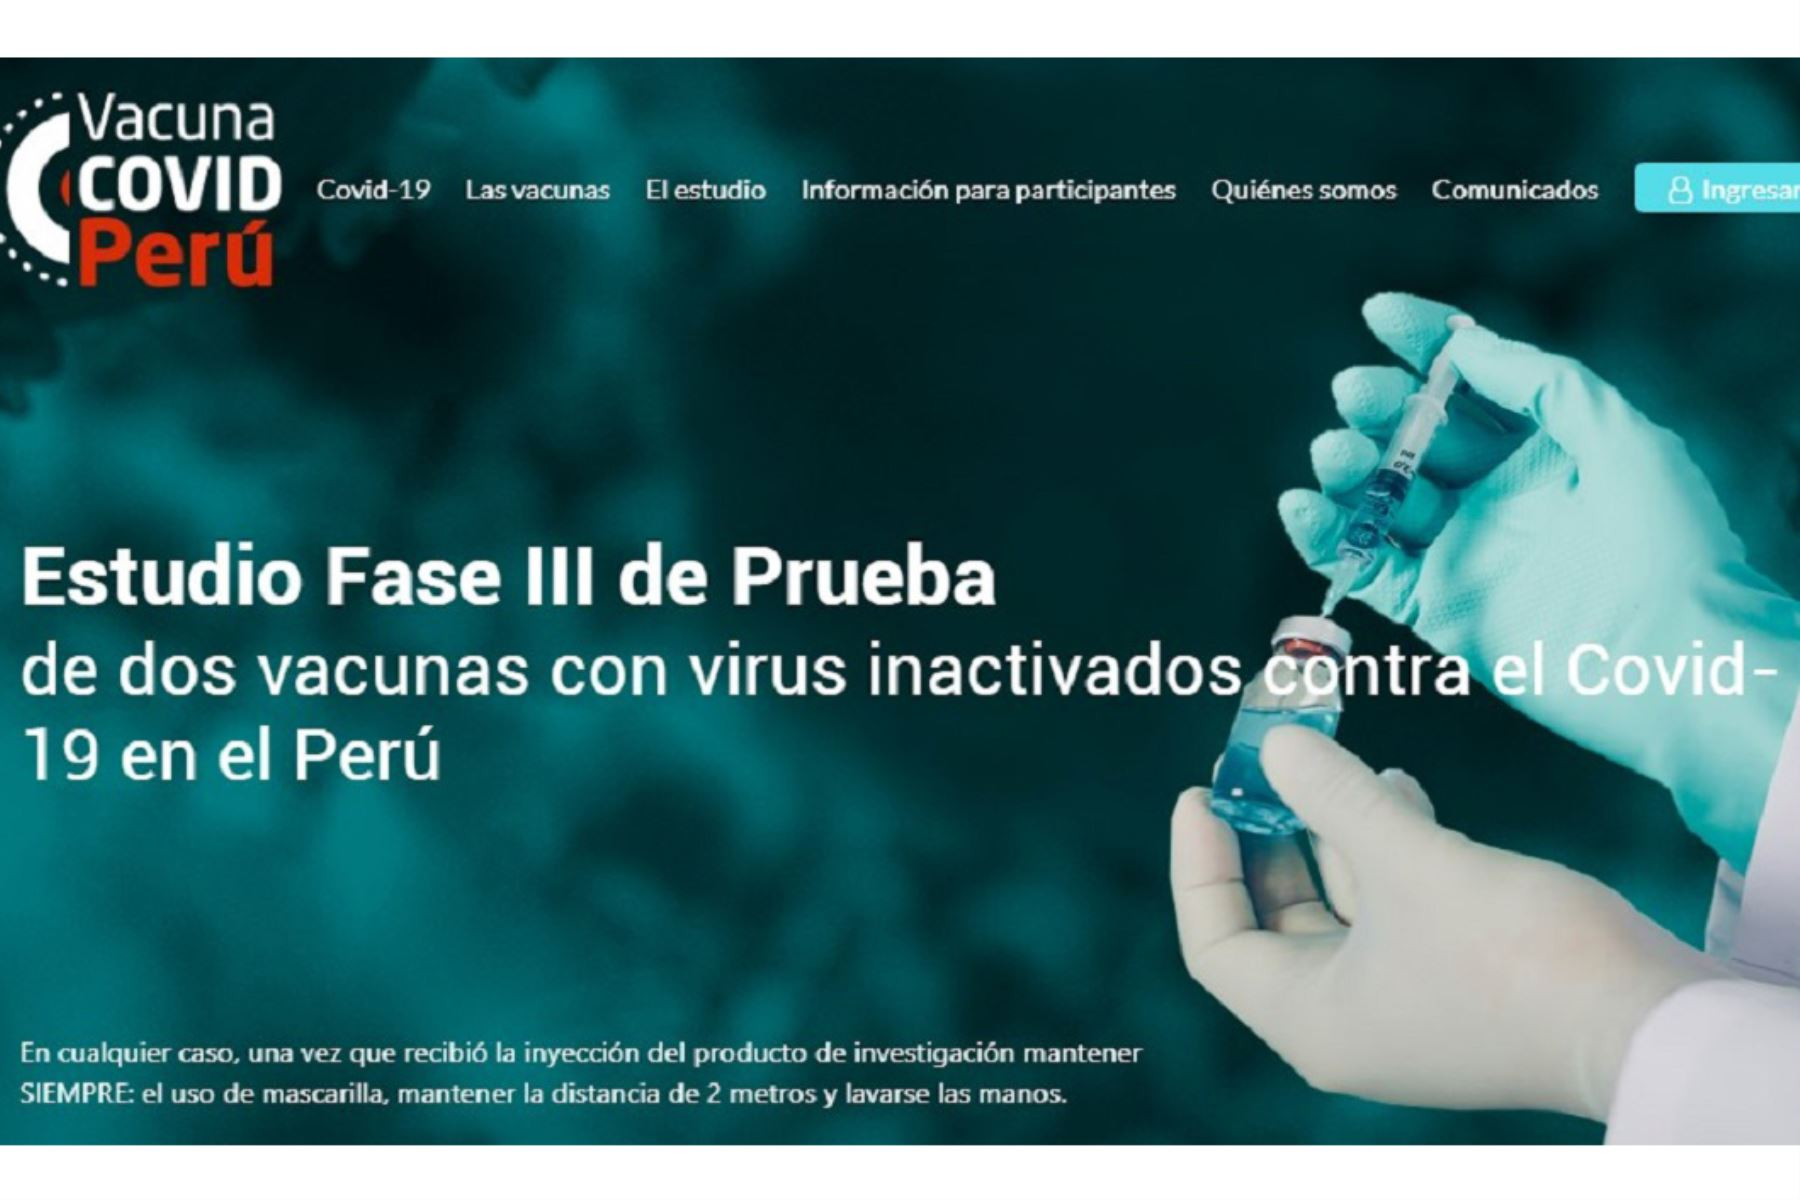 La Unidad de Ensayos Clínicos de la Universidad Nacional Mayor de San Marcos (UNMSM) amplió a 1,000 el número de voluntarios que podrá participar en el estudio de la fase III de dos vacunas inactivadas contra la covid-19 en el Perú, del laboratorio chino Sinopharm.